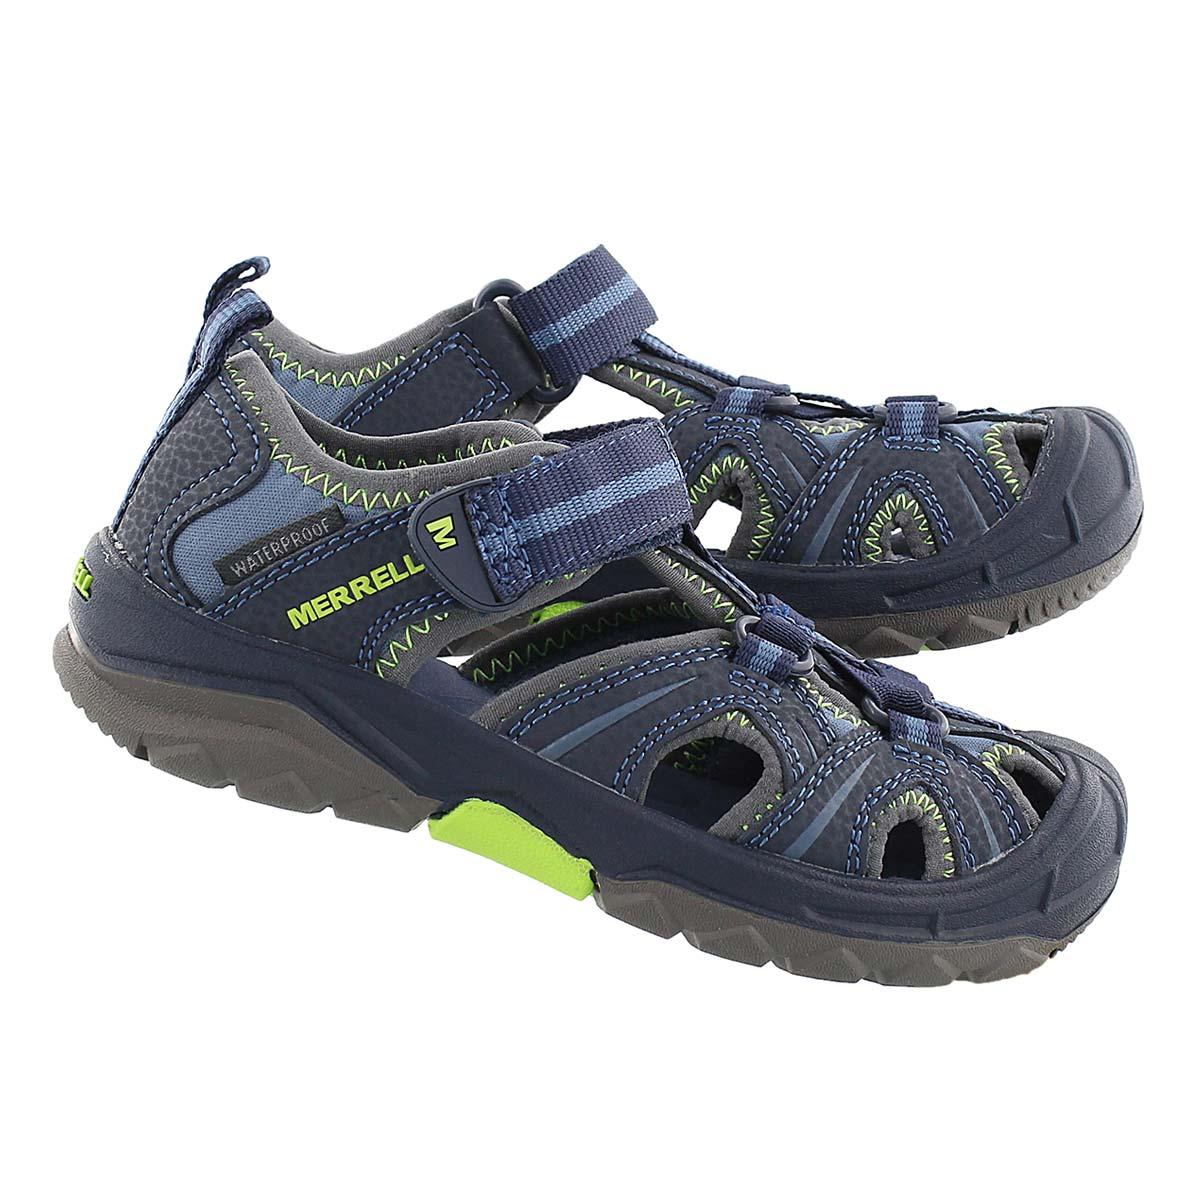 Sandale p�cheur Hydro, mar/vt, gar